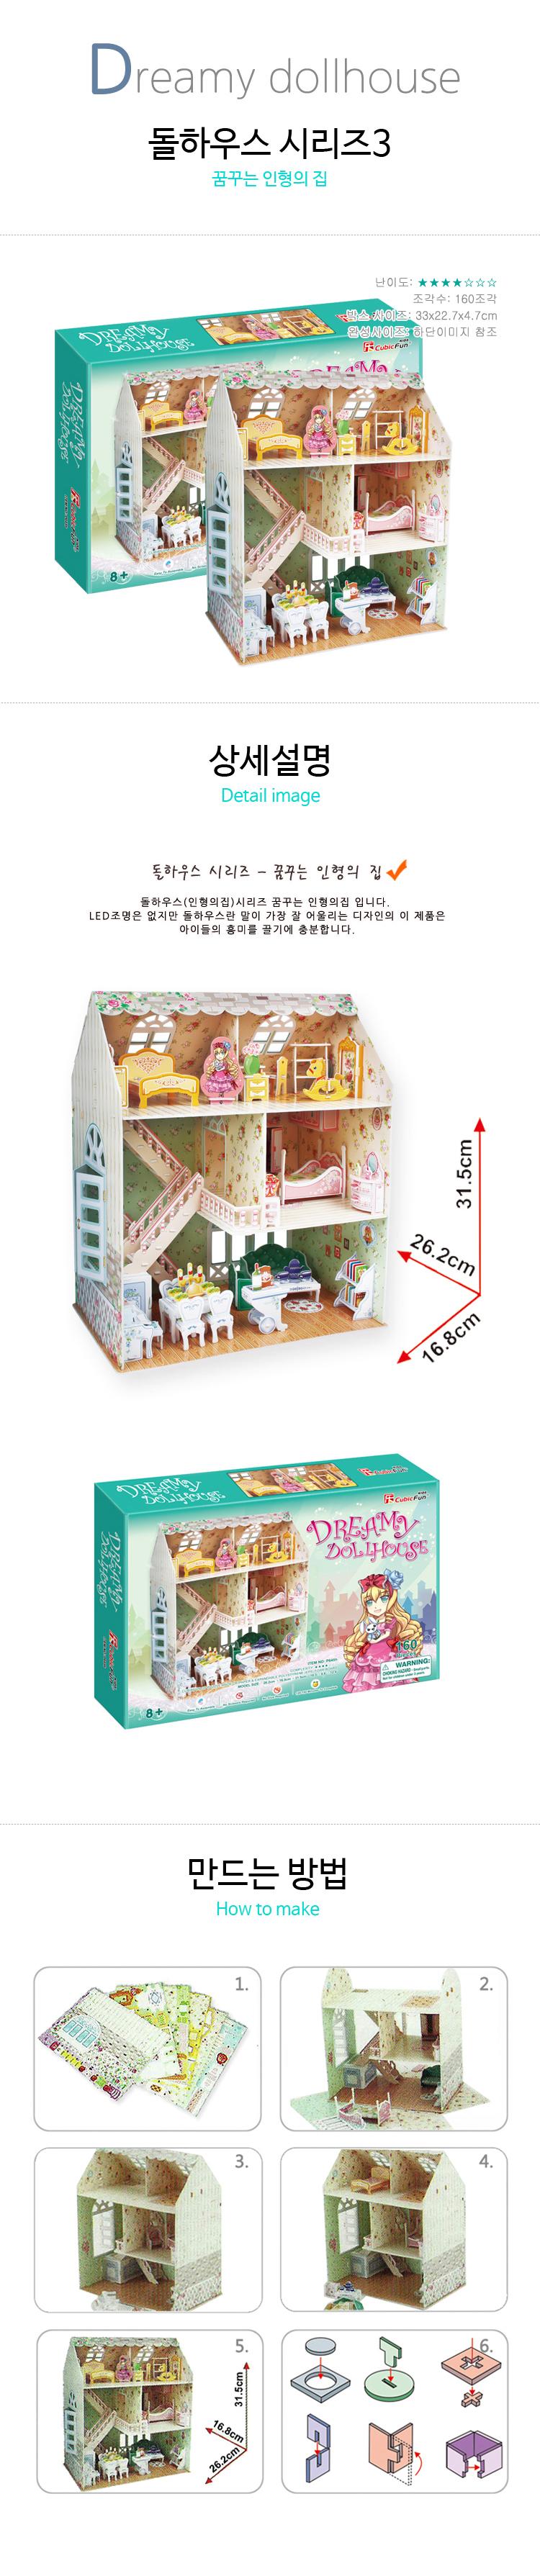 큐빅펀 3D퍼즐 꿈꾸는 인형의 집15,300원-큐빅펀키덜트/취미, 블록/퍼즐, 조각/퍼즐, 3D입체퍼즐바보사랑큐빅펀 3D퍼즐 꿈꾸는 인형의 집15,300원-큐빅펀키덜트/취미, 블록/퍼즐, 조각/퍼즐, 3D입체퍼즐바보사랑